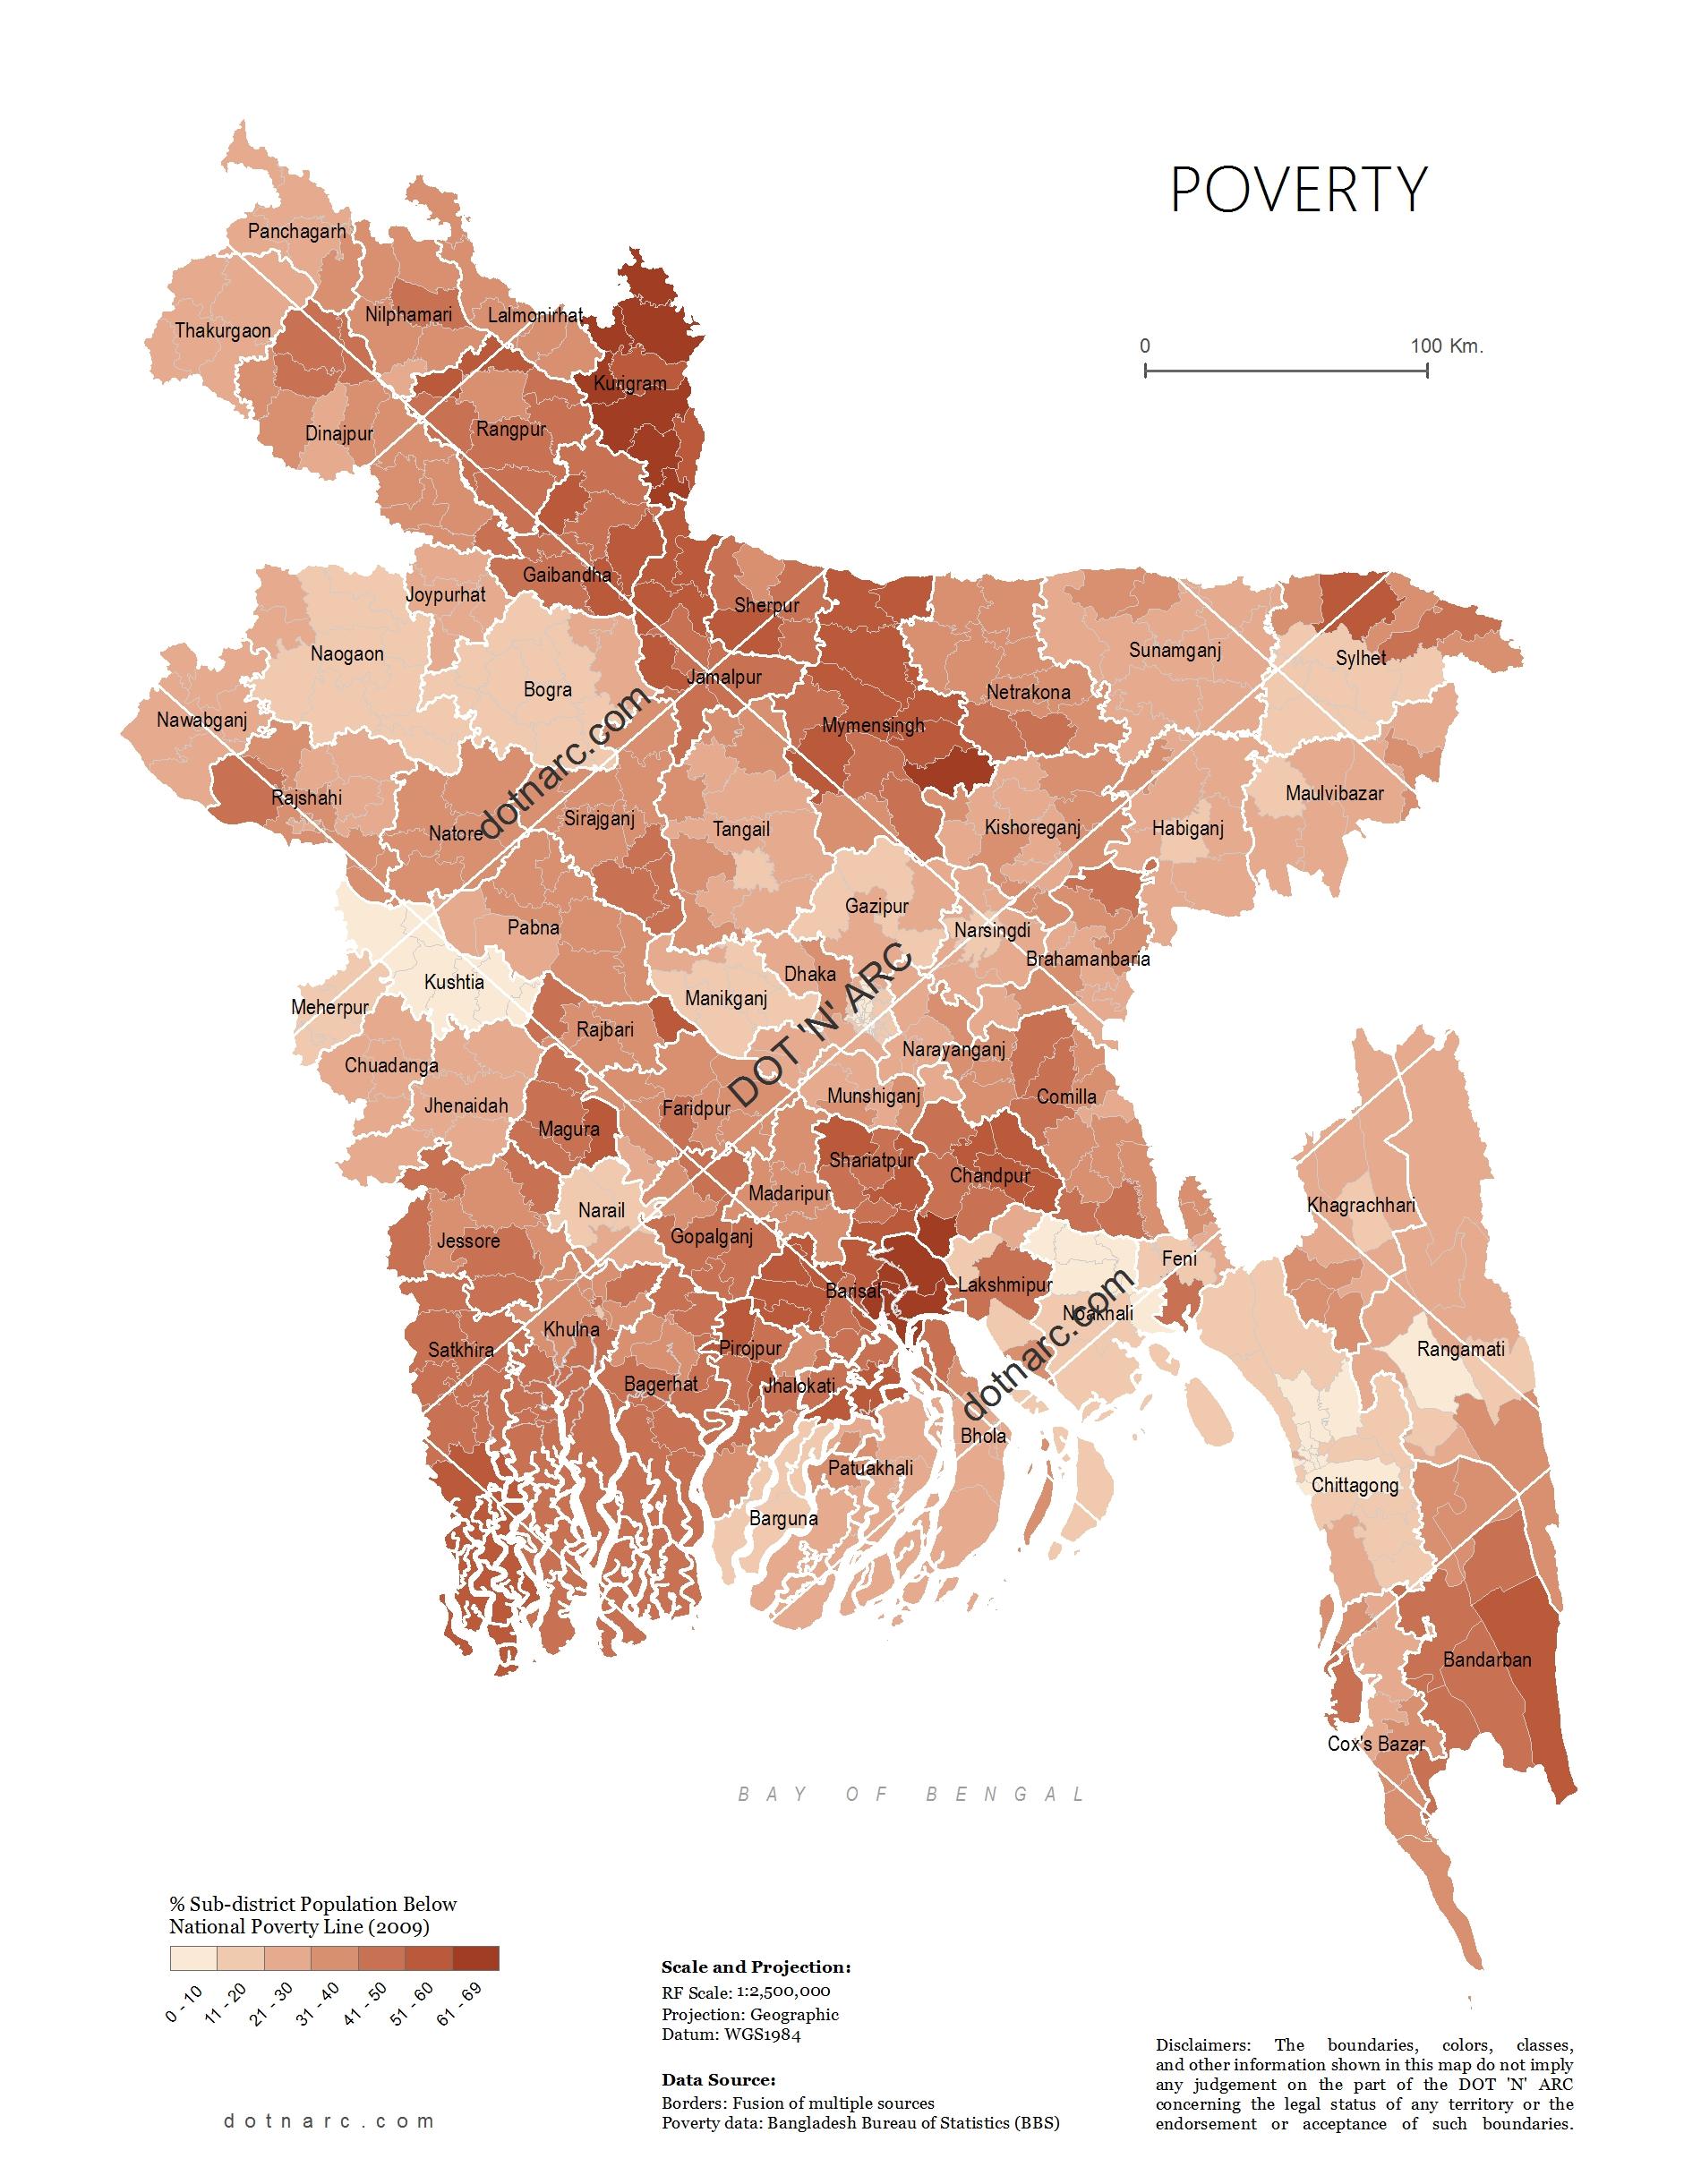 Poverty_2009.jpg